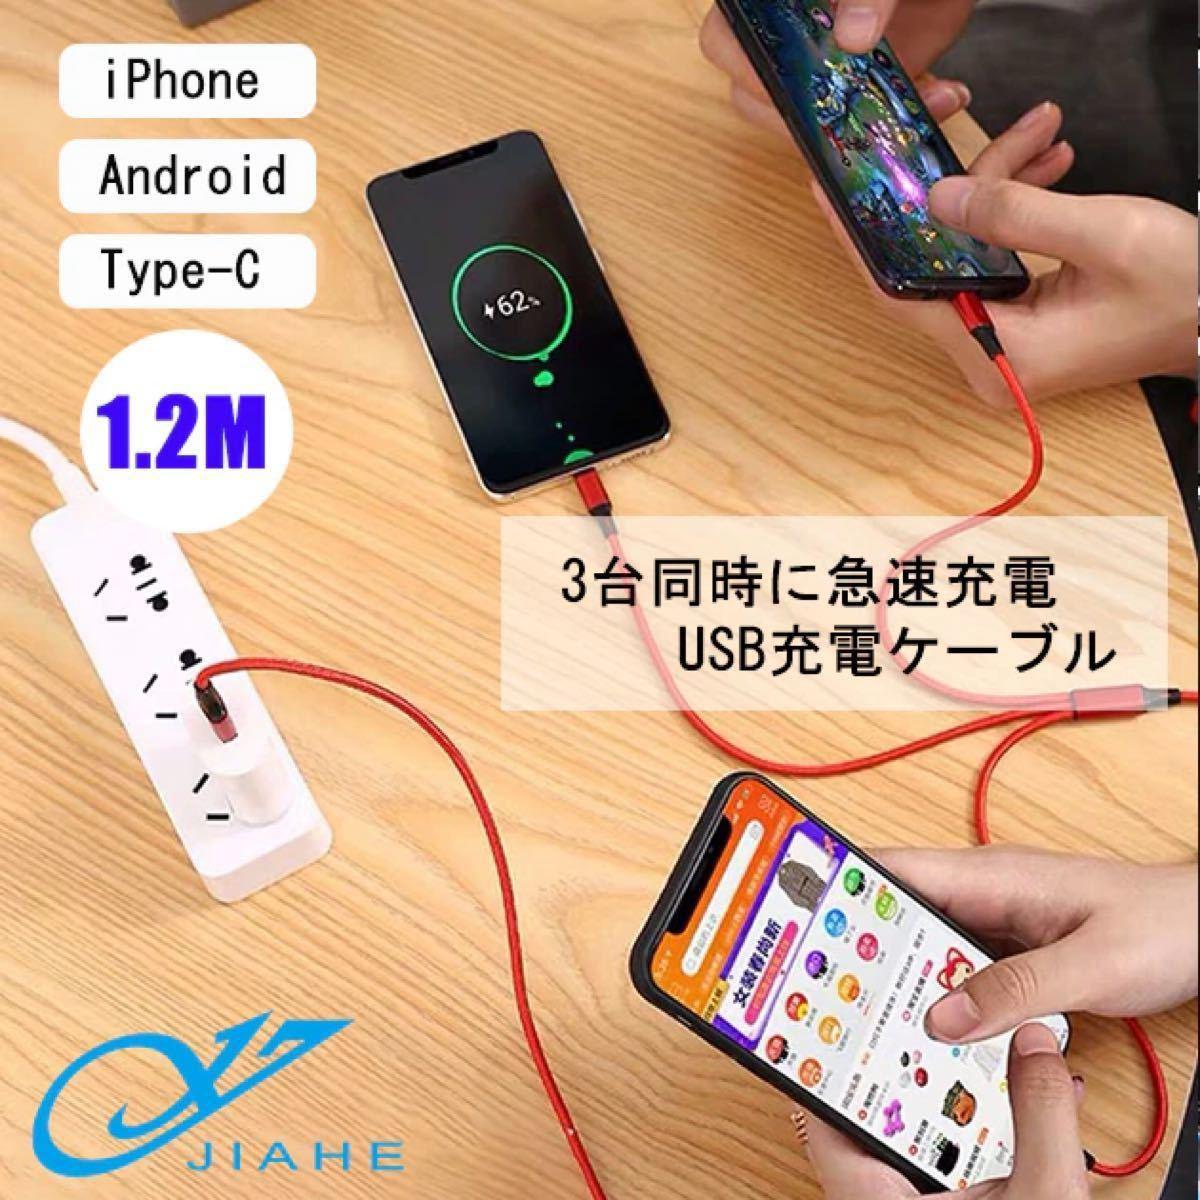 充電ケーブル 3in1 ナイロン 断線防止 iPhone Micro Type-C USB 高耐久3台同時充電